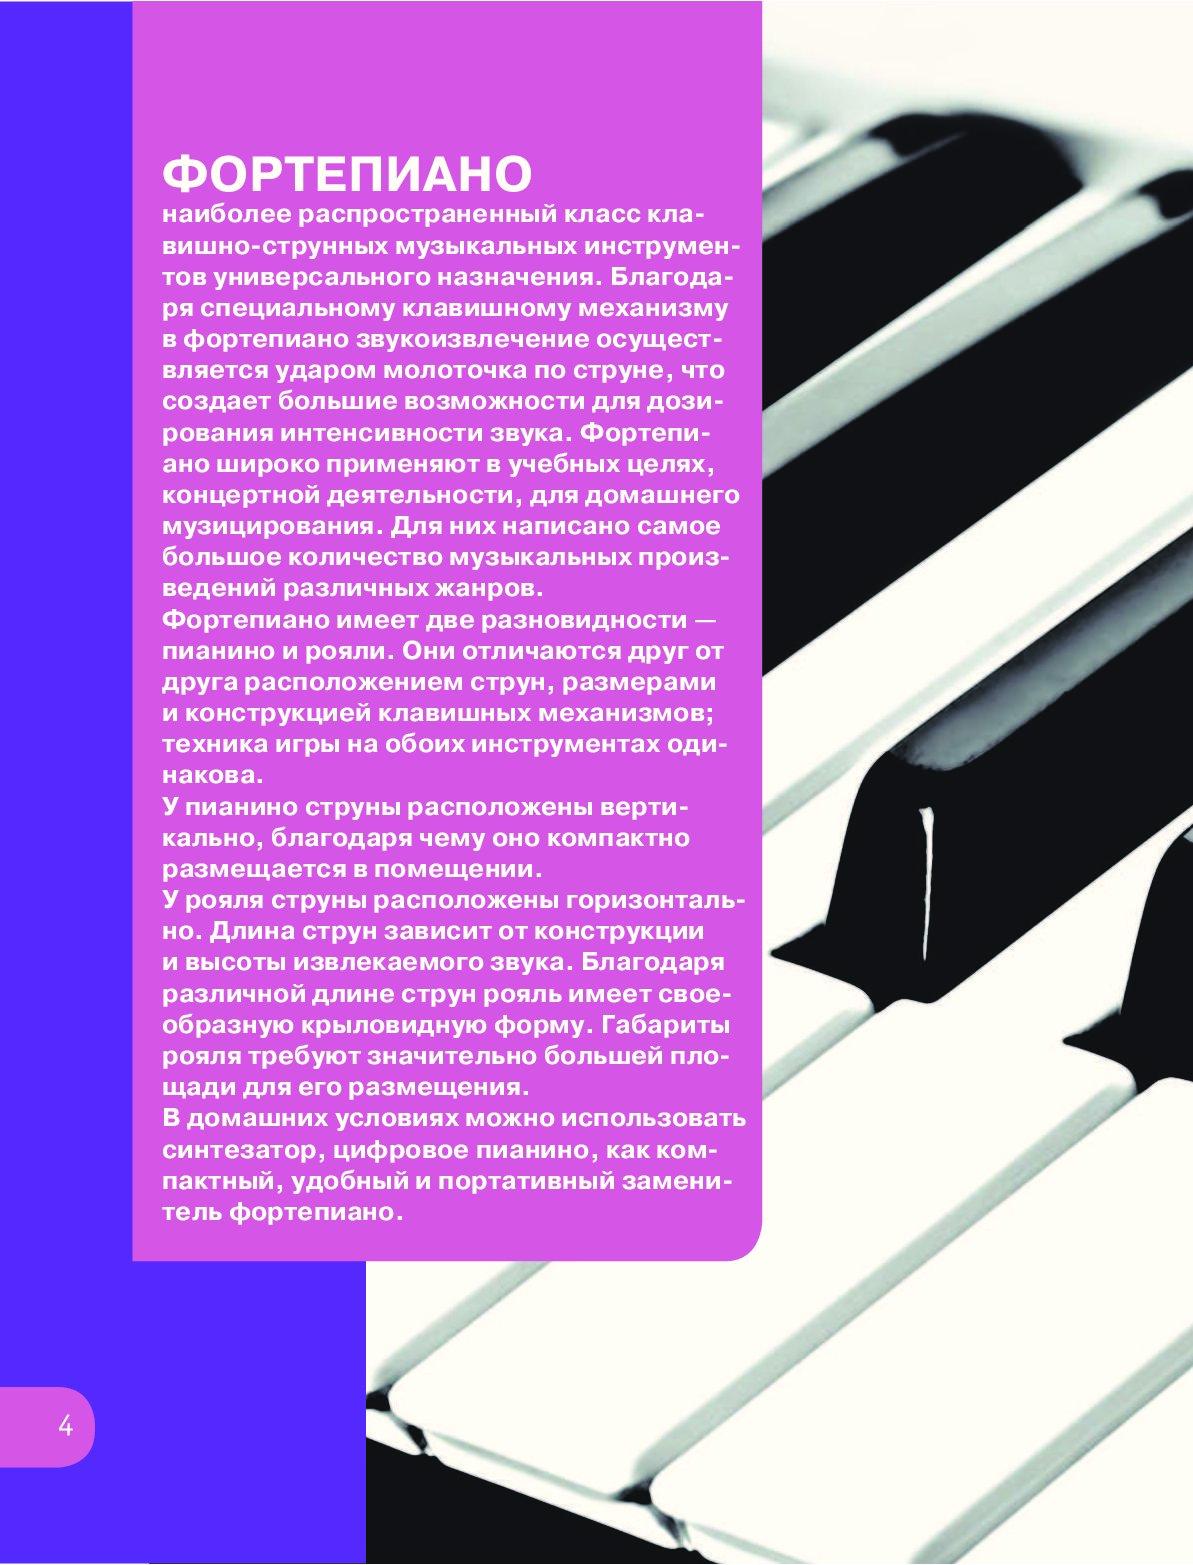 Как часто нужно настраивать пианино — Блокнот